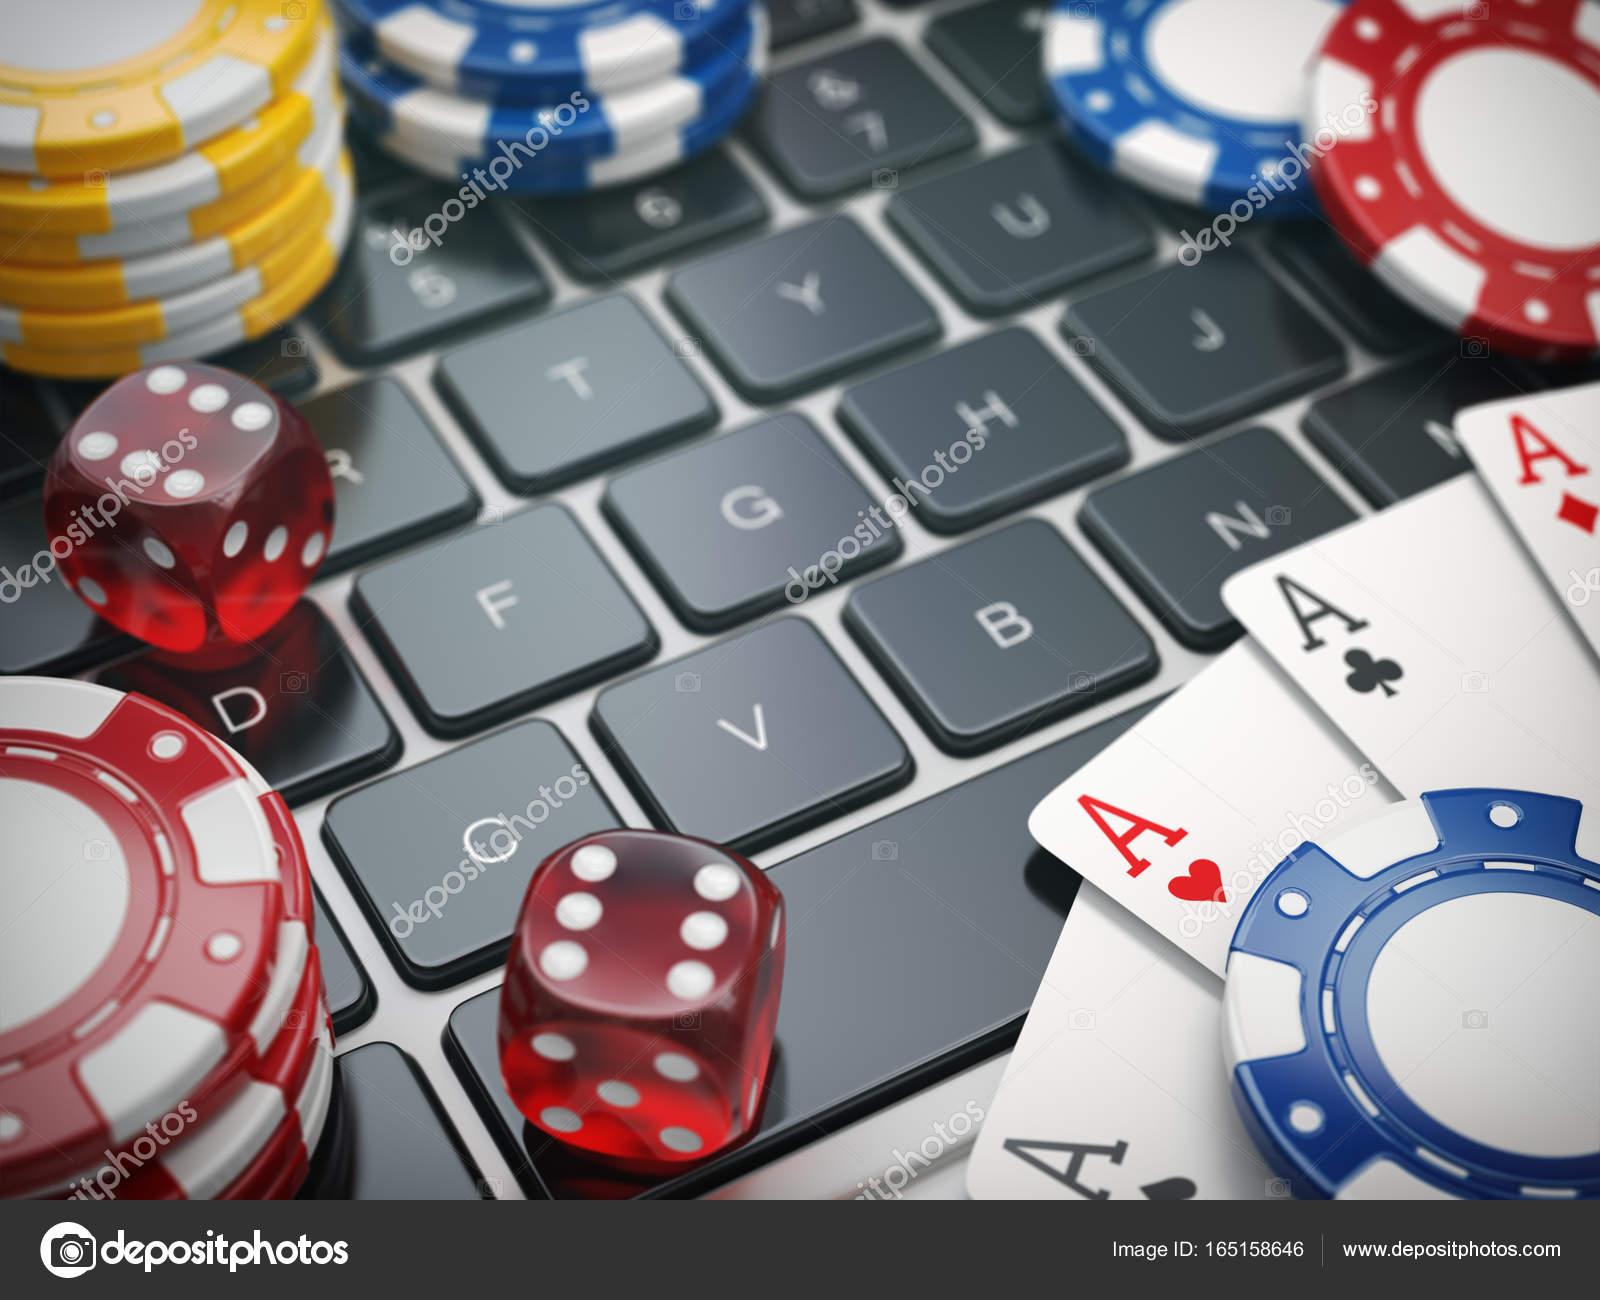 Играть на онлайн игровых слот-автоматах на портале клуба Eldorado